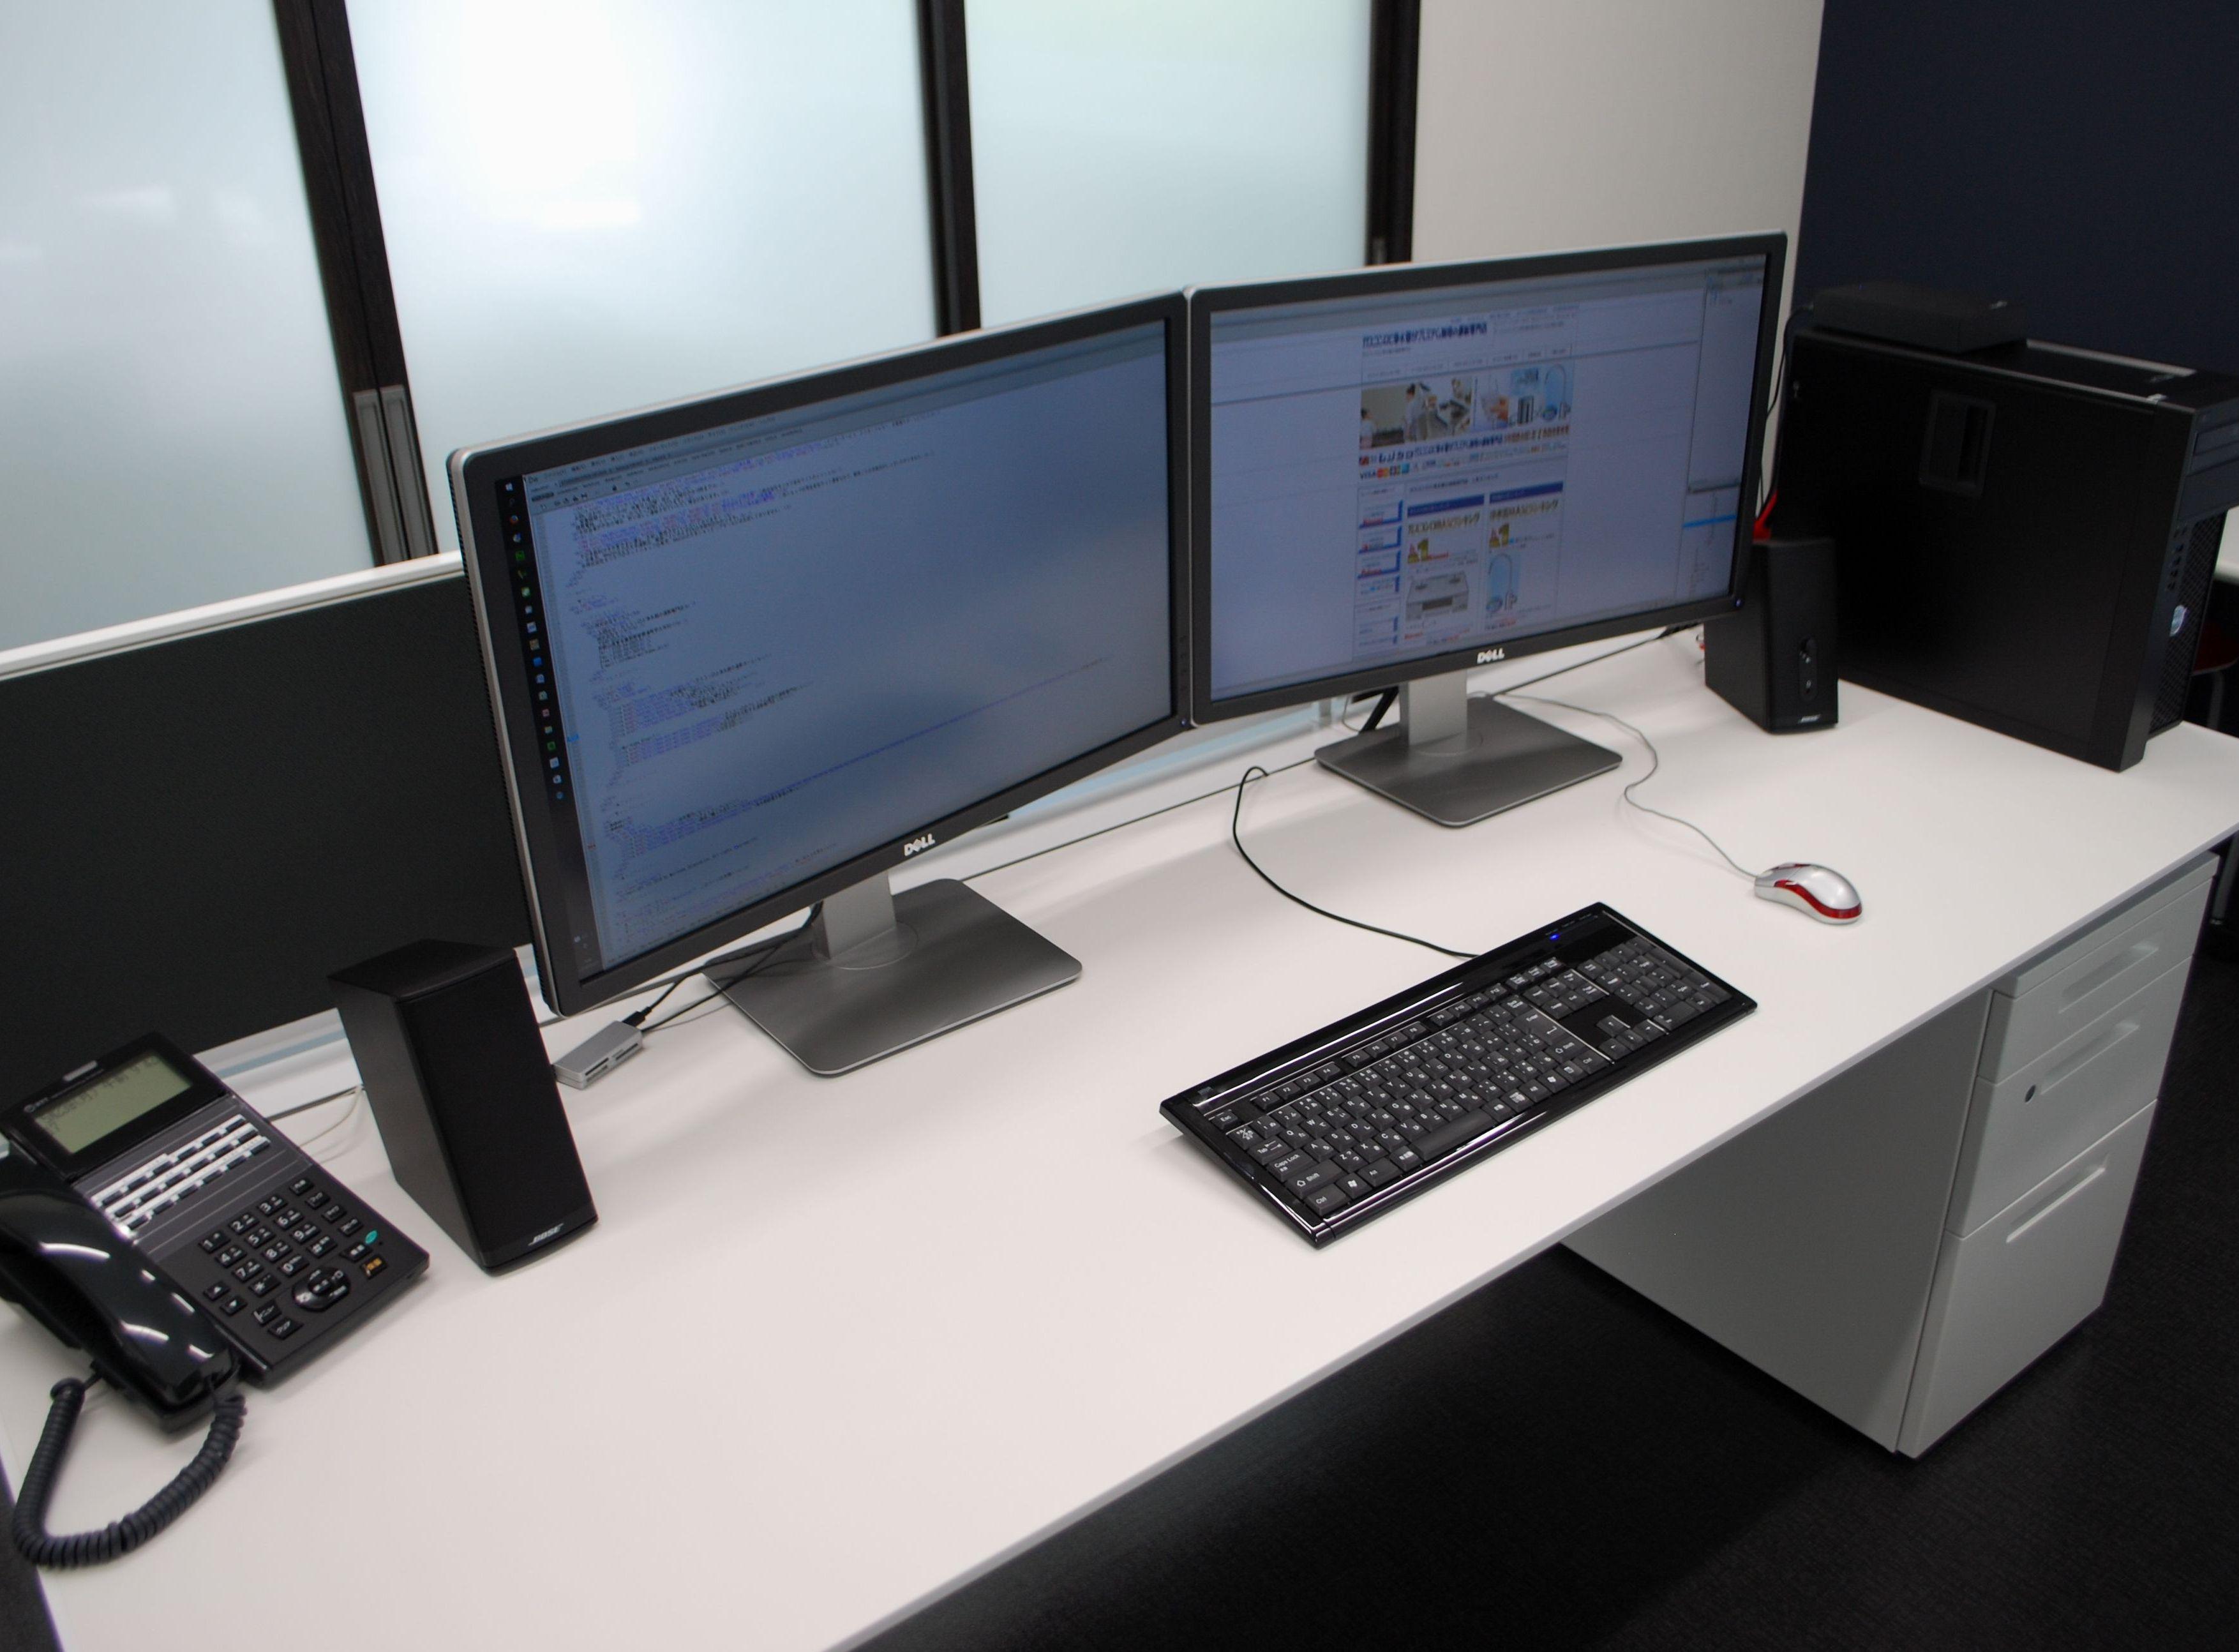 WEBを制作中のITルーム、最新の4K液晶、27型マルチモニターにて制作、受発注の処理